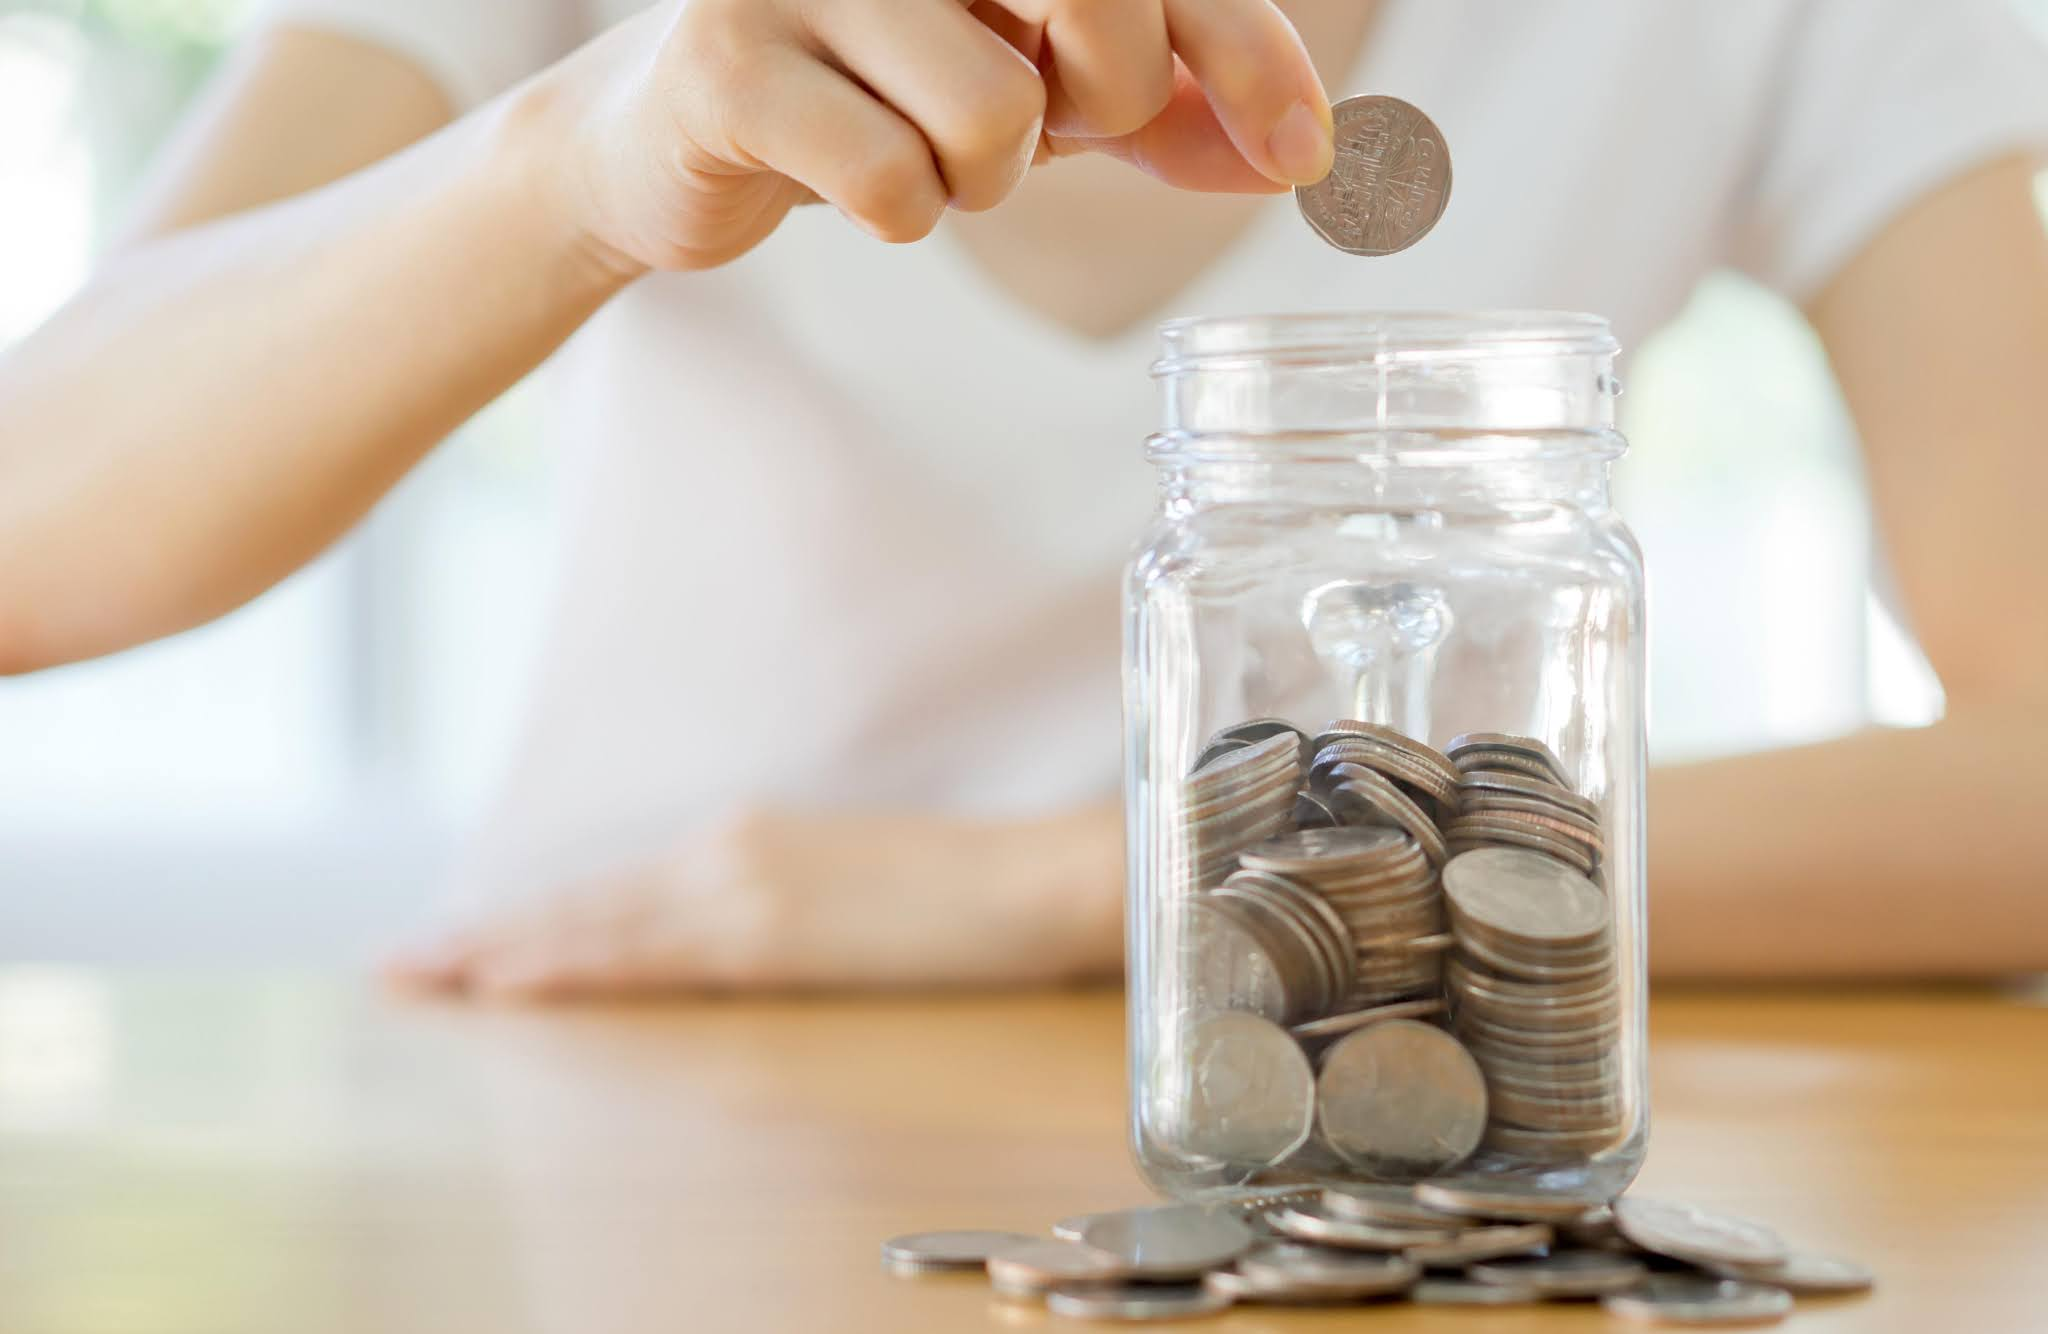 Investasi Tabungan, Bukan Berarti Tanpa Risiko